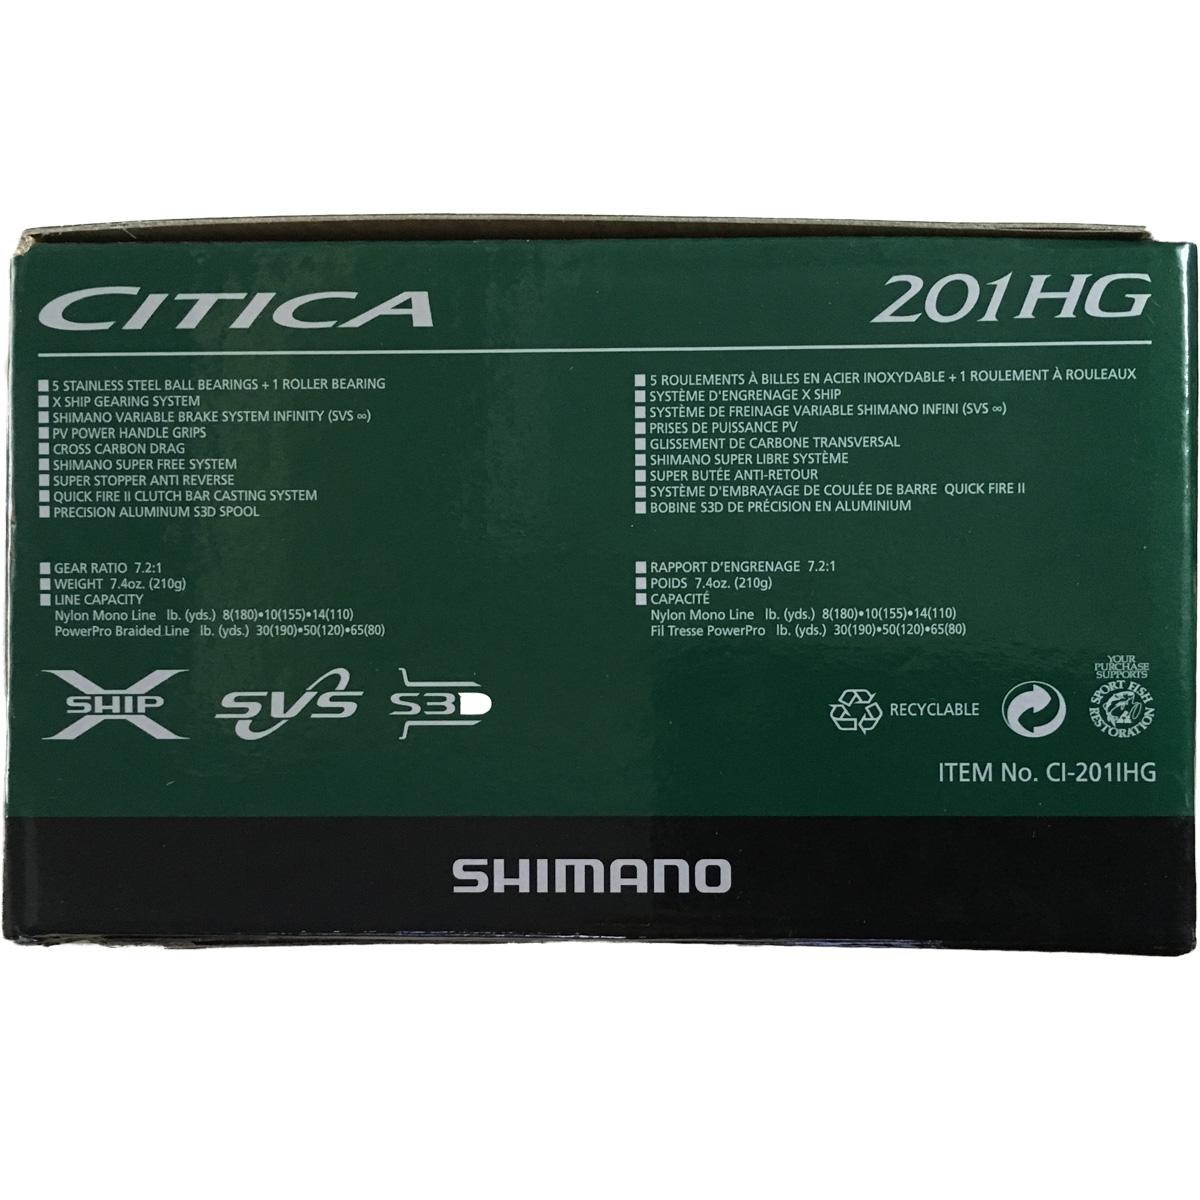 Máy Câu Ngang Shimano Citica 201 HGTay Quay Trái BH 1 Năm